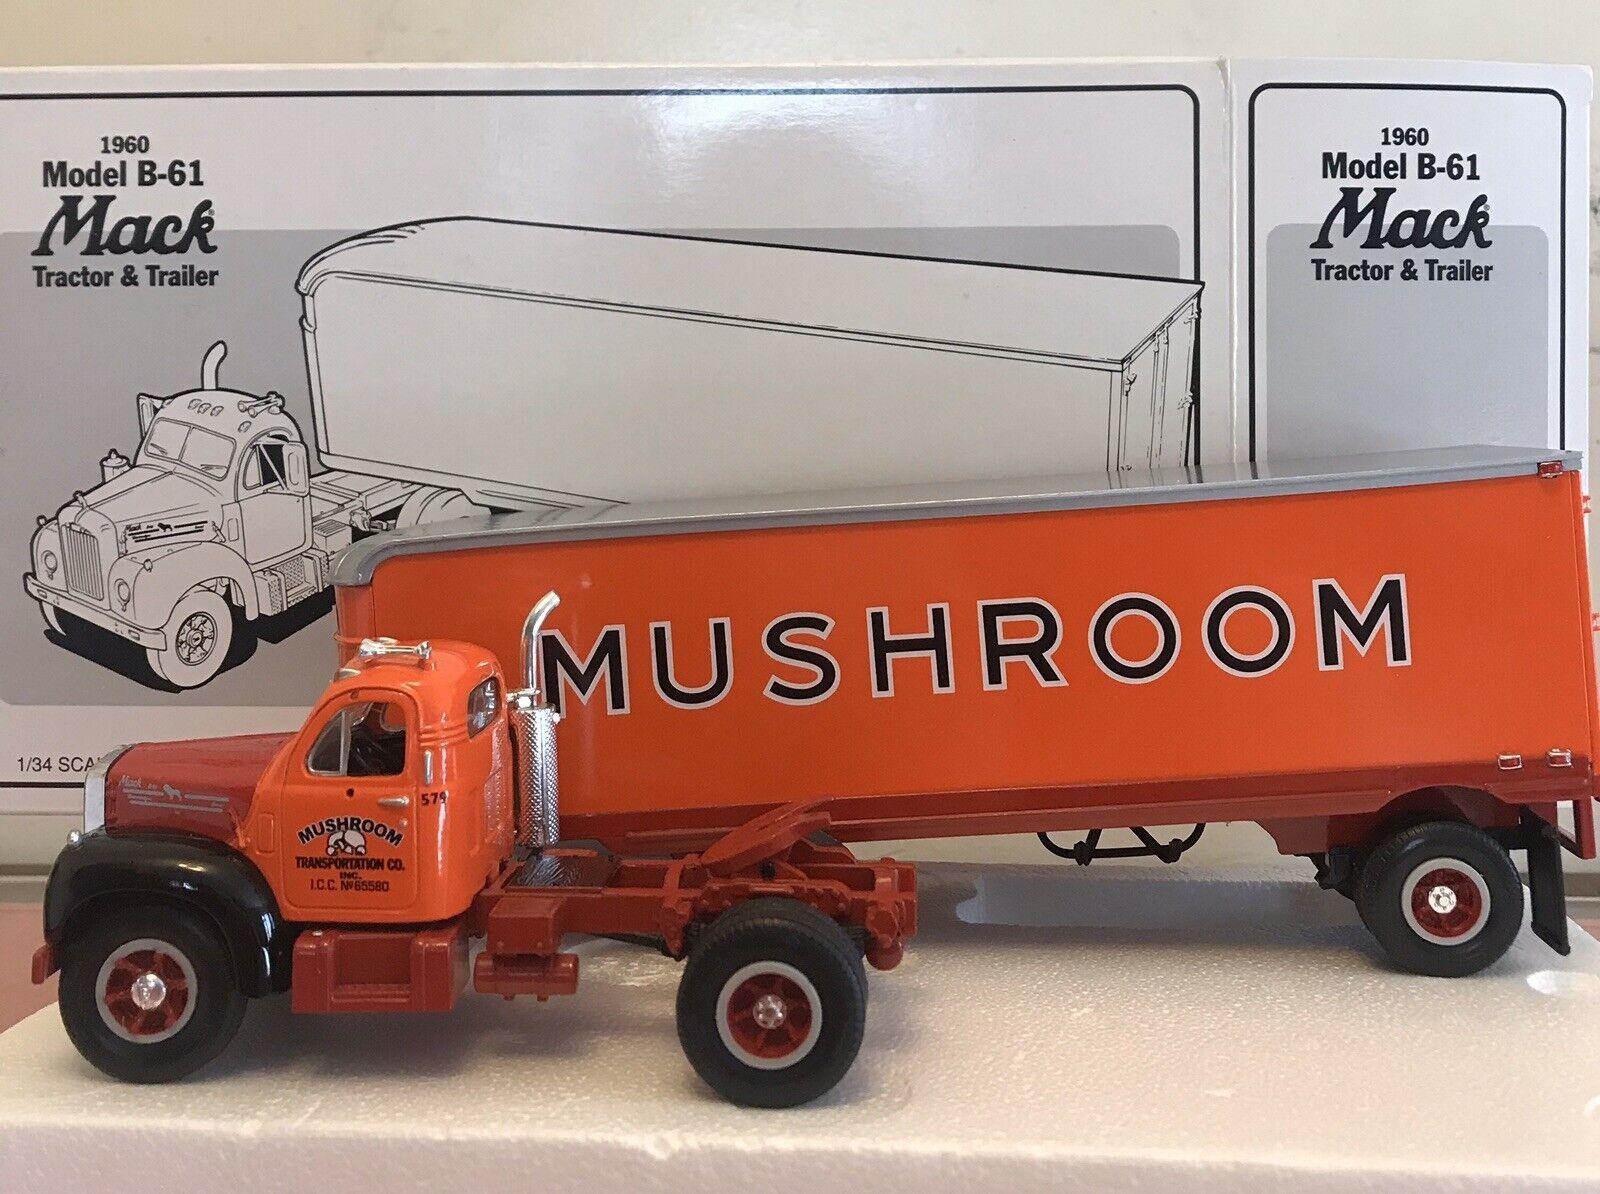 First Gear Mushroom Transport1960 B-61 Mack T T,1 34 scale,stock   19-1507